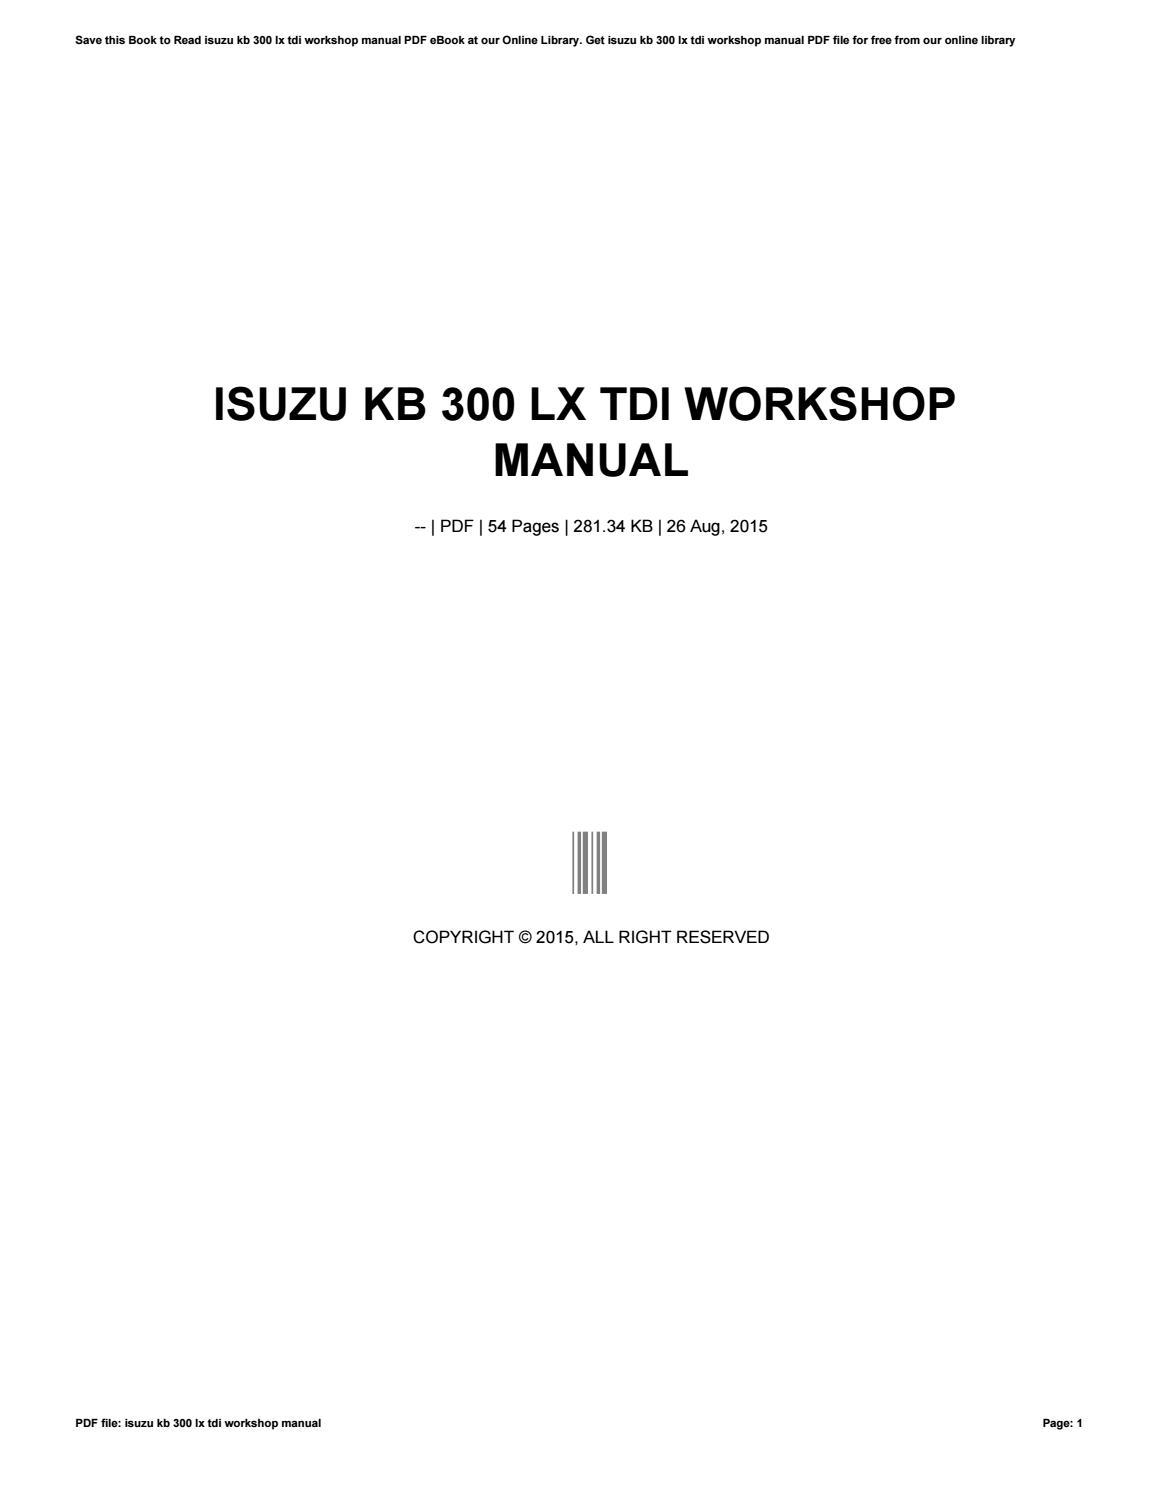 isuzu kb 300 lx tdi workshop manual by rkomo00 issuu rh issuu com isuzu kb  300 service manual